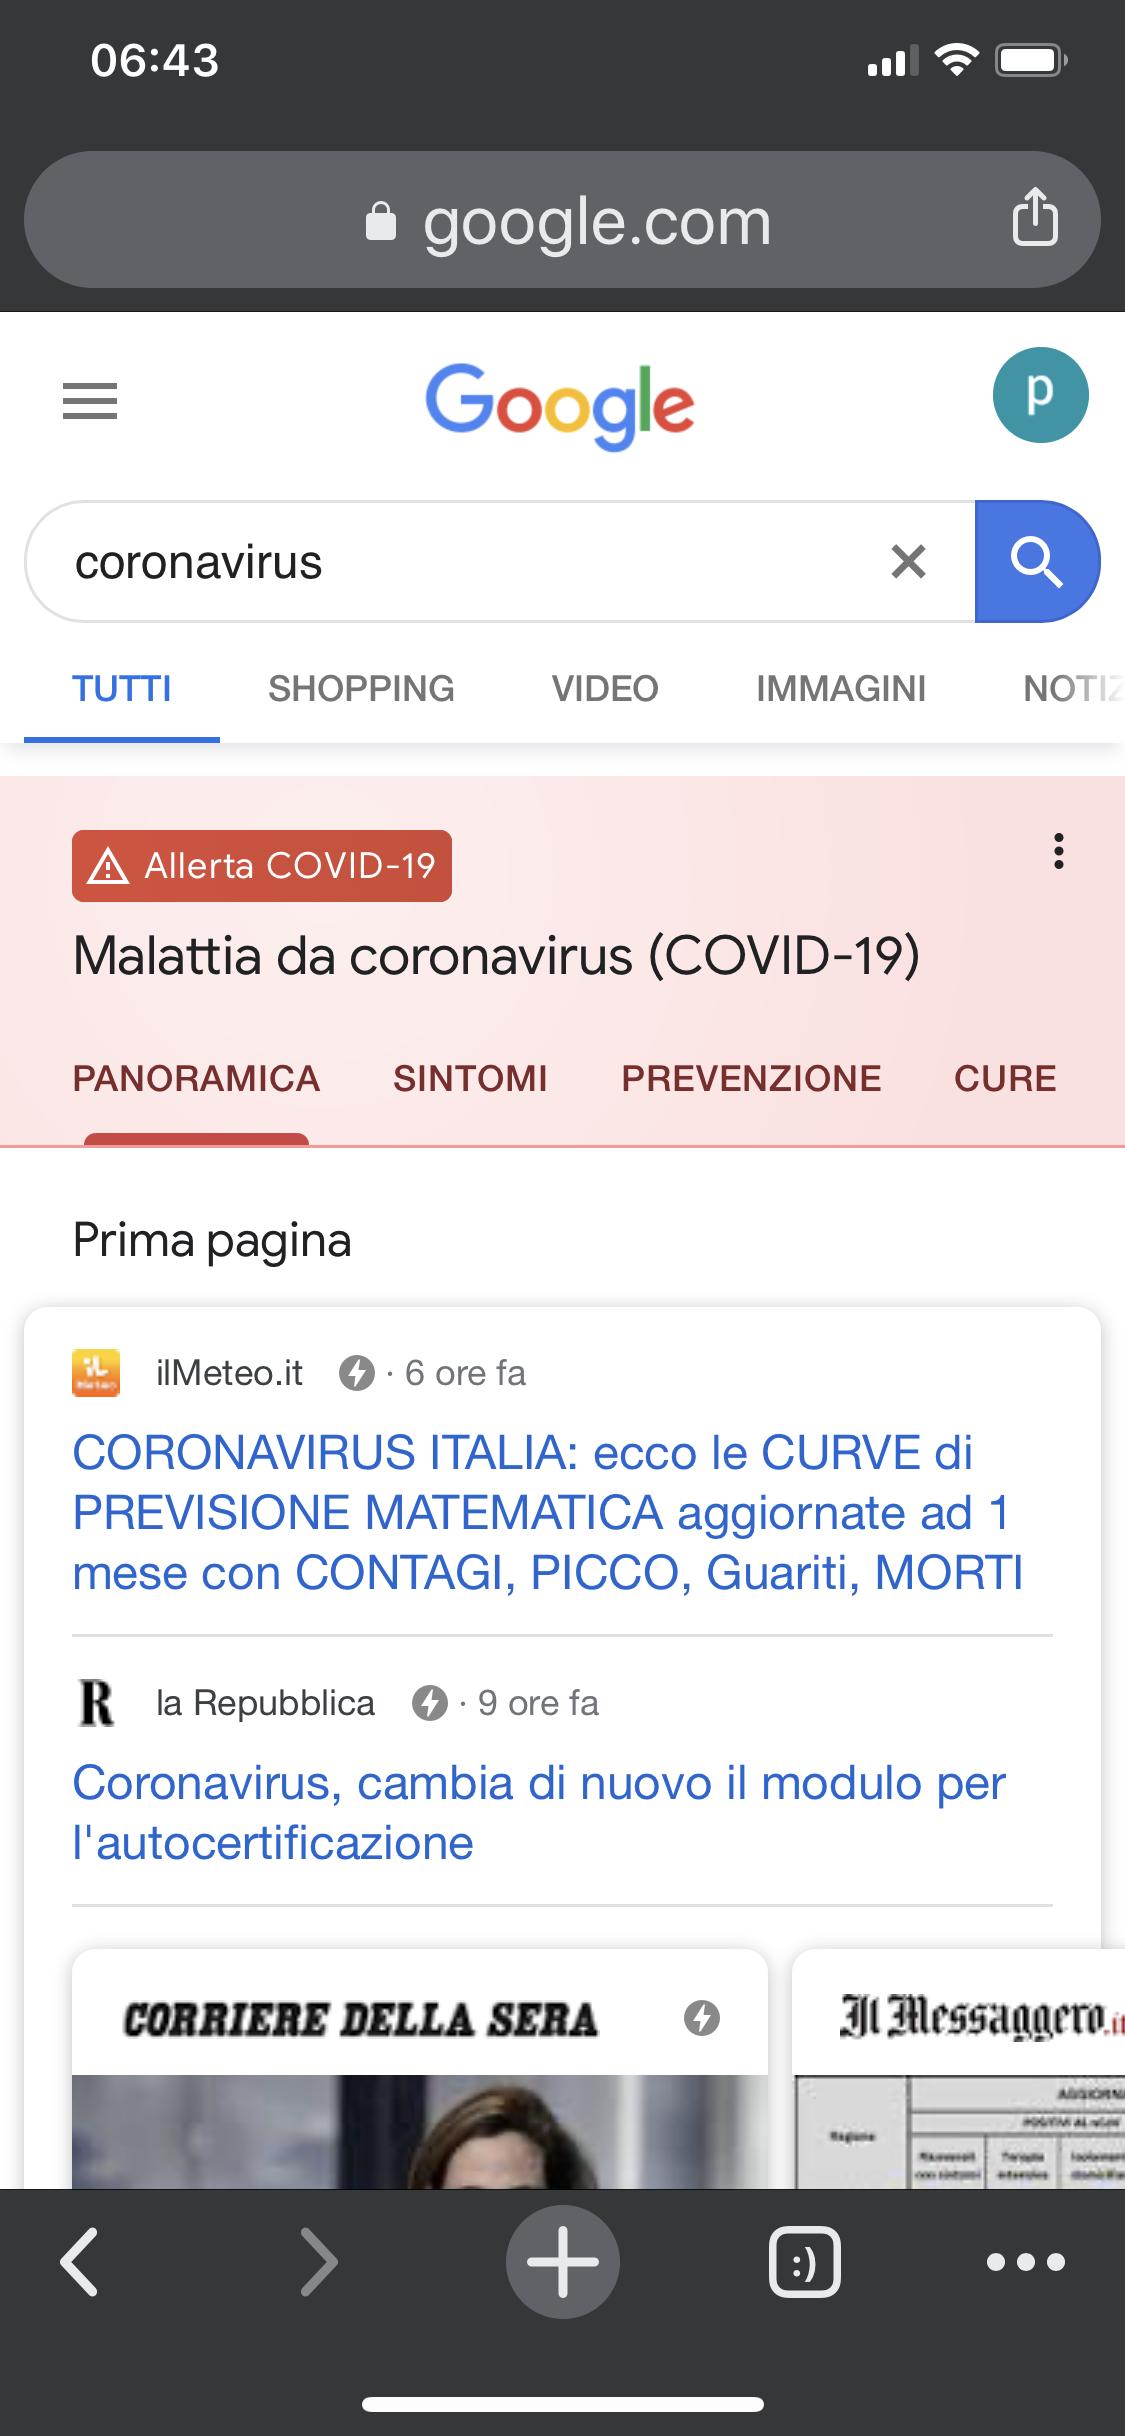 sezione google sul coronavirus